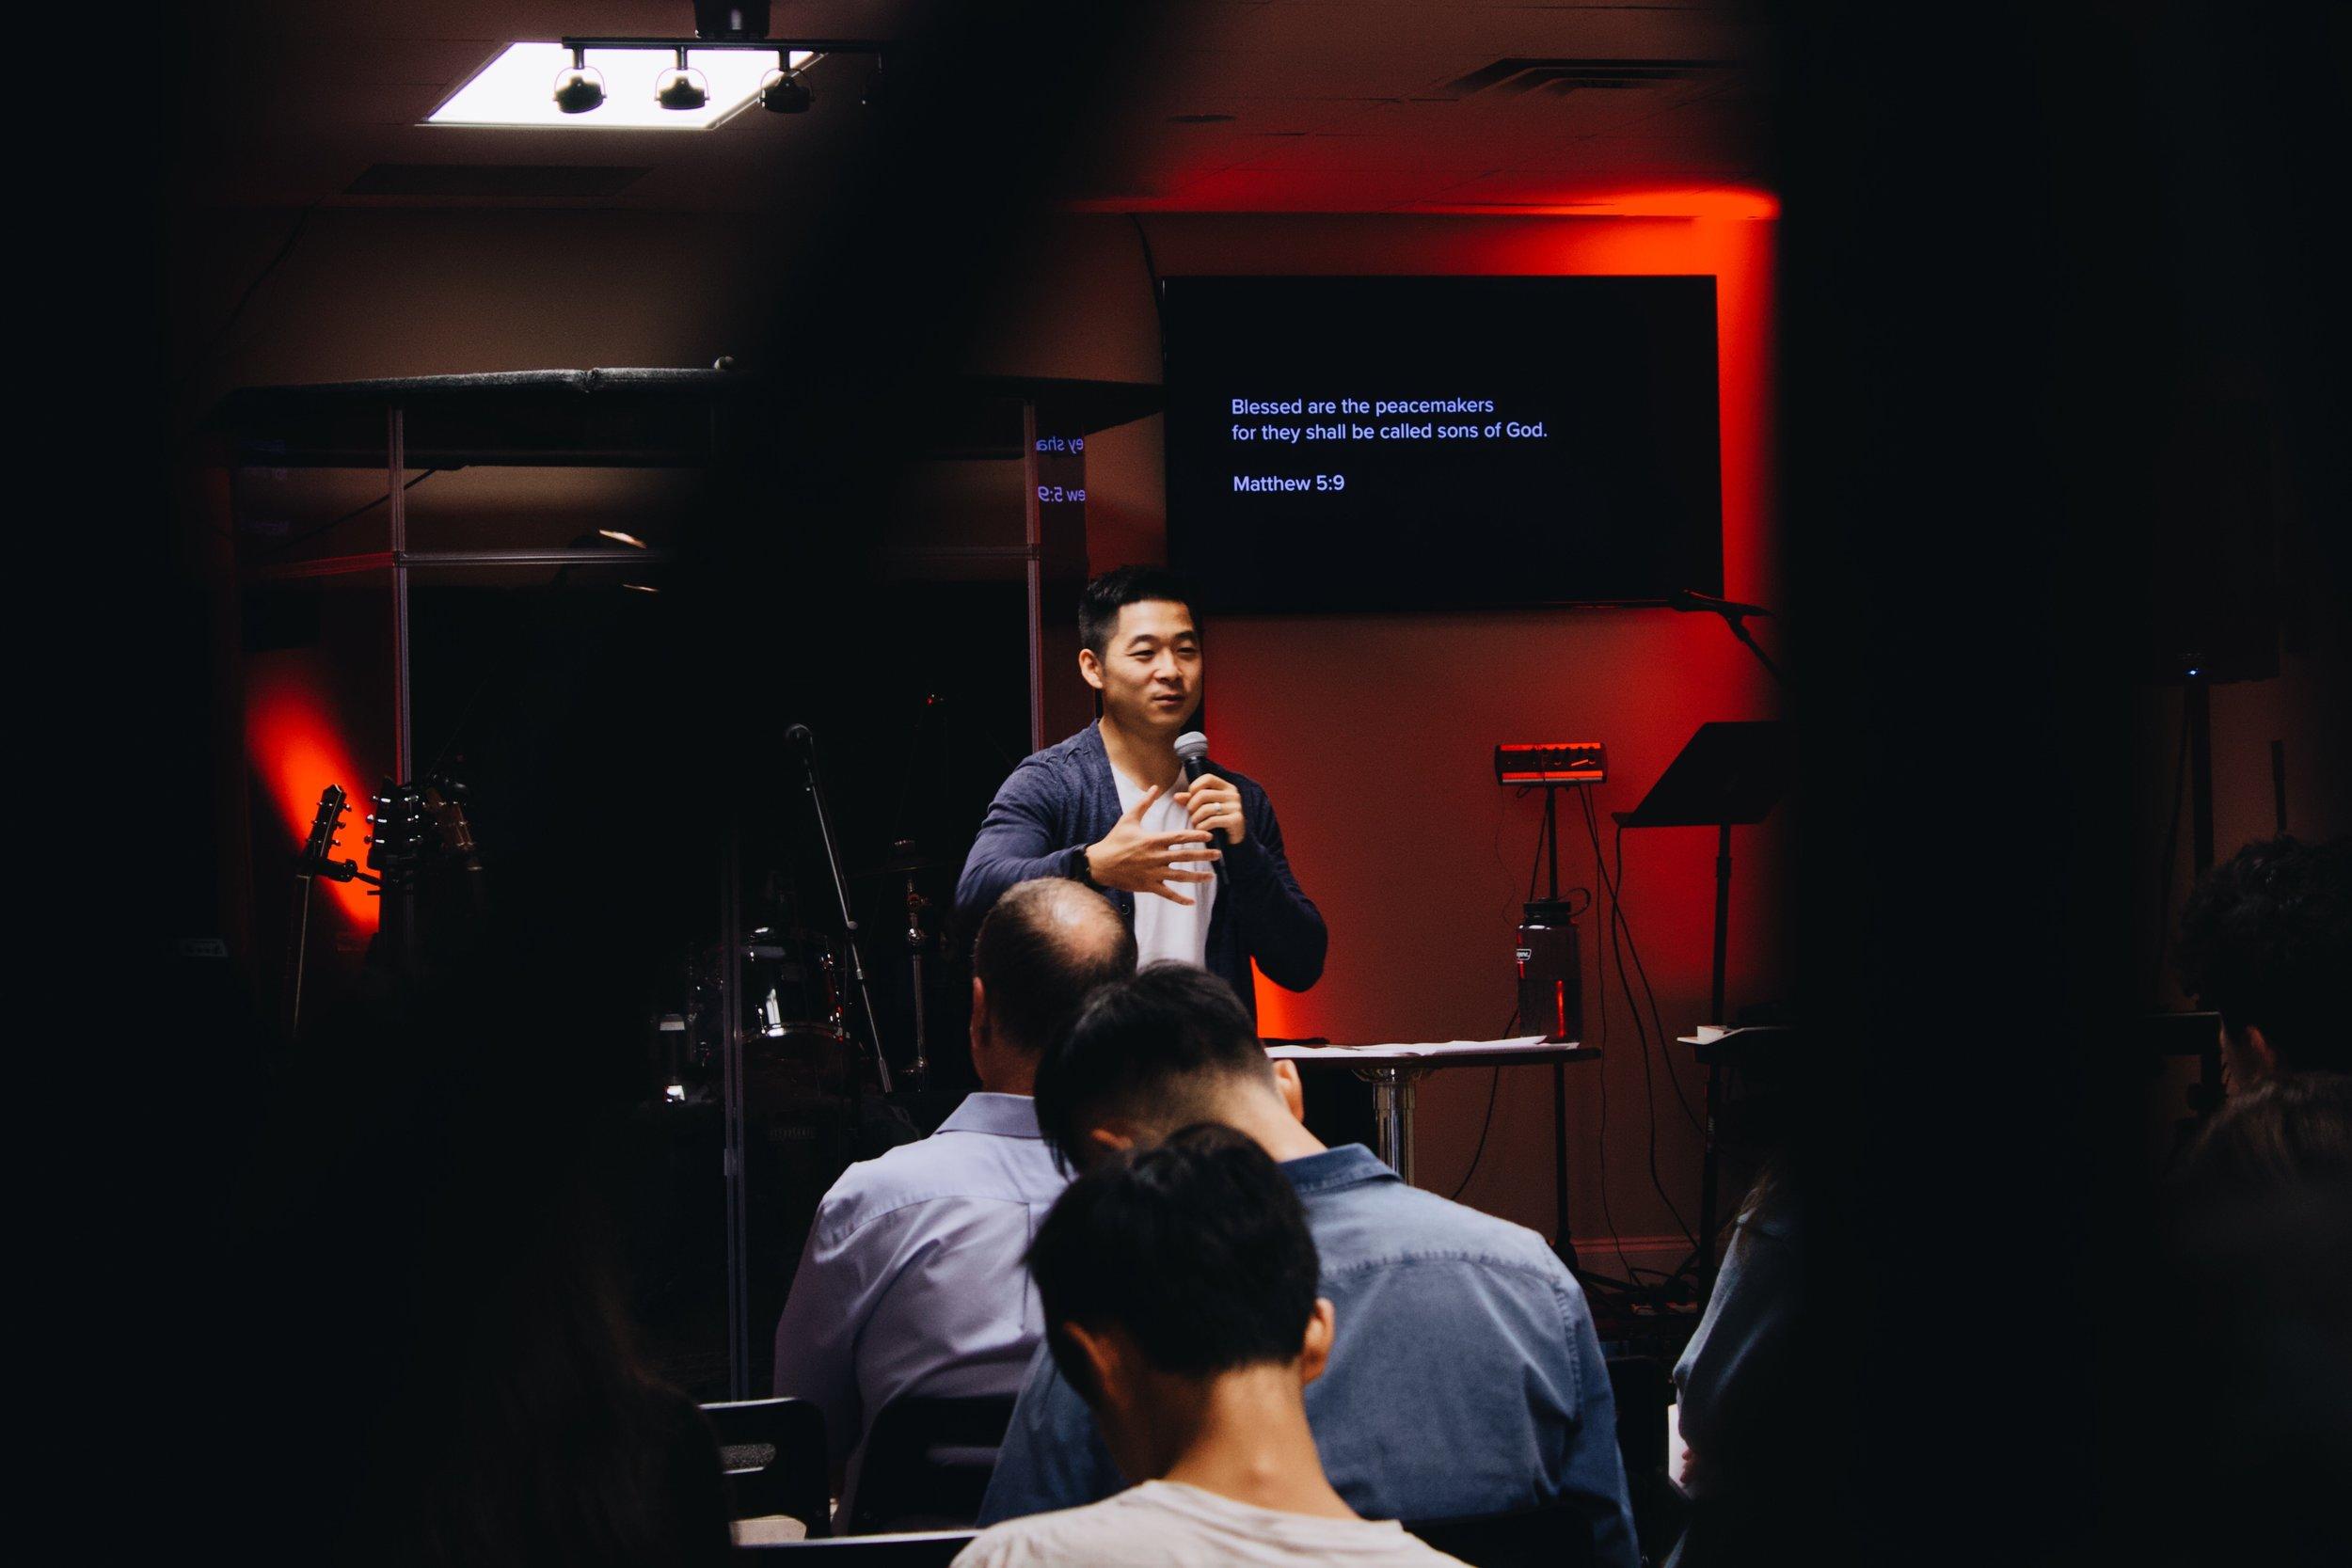 P Joe Preaching.jpg